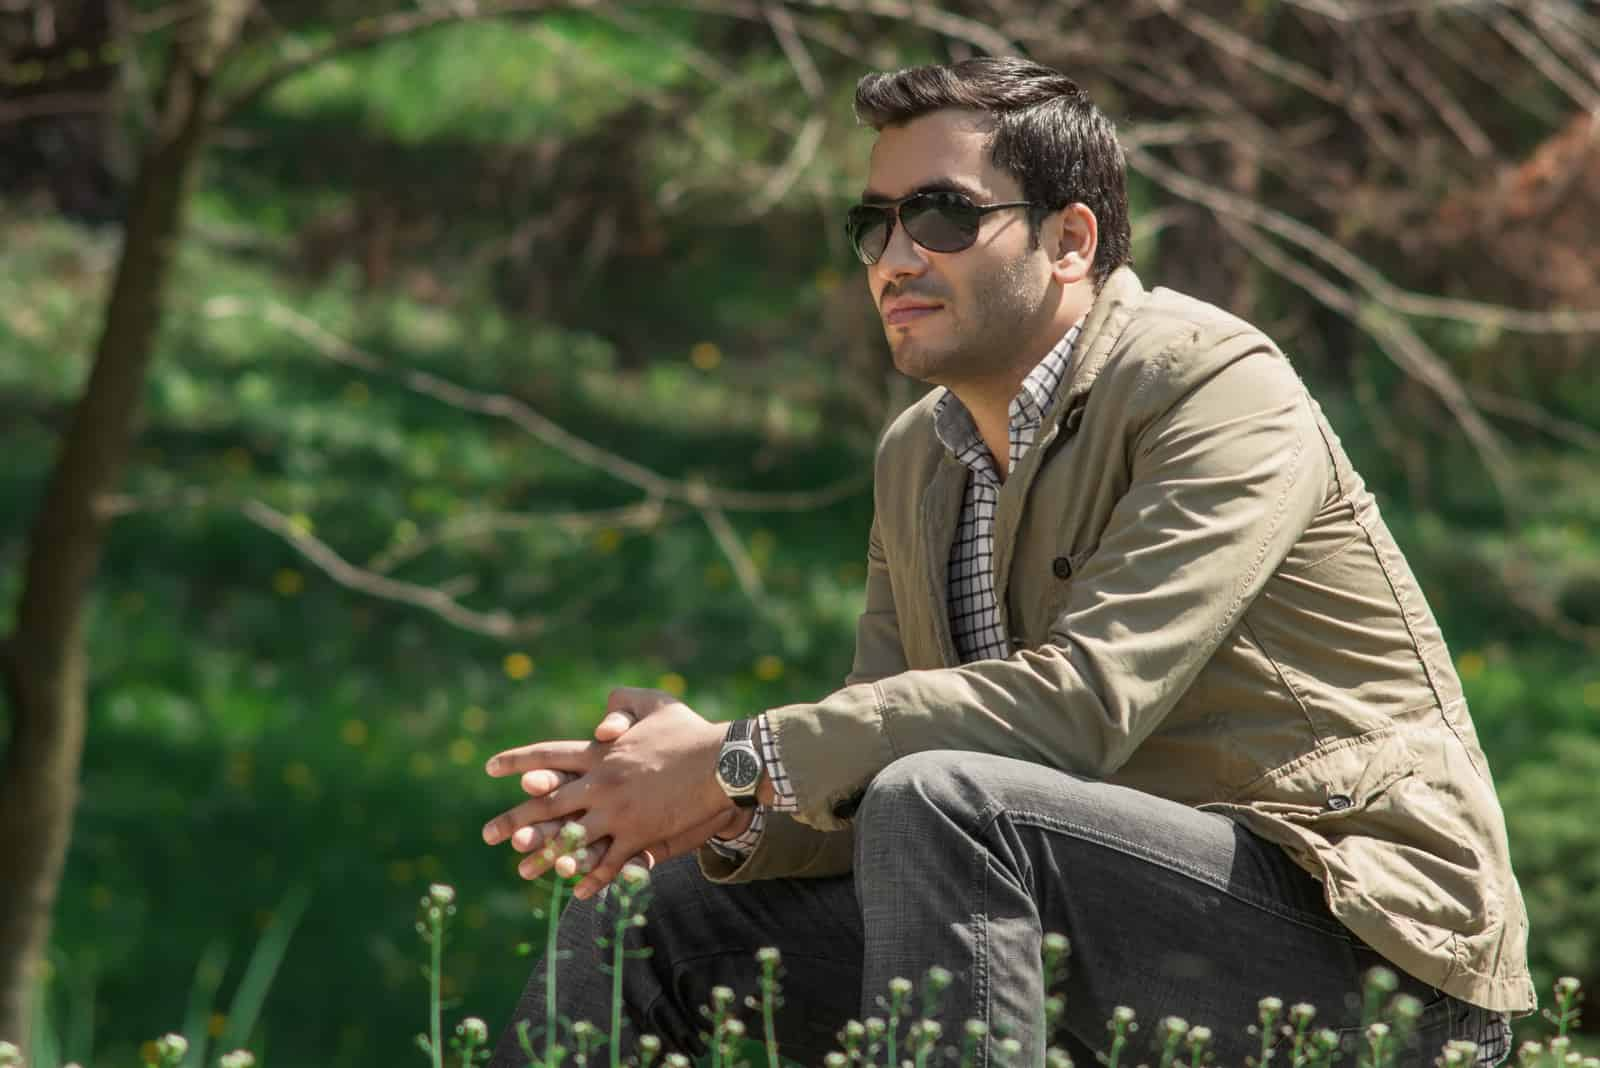 Bel homme assis dans un parc